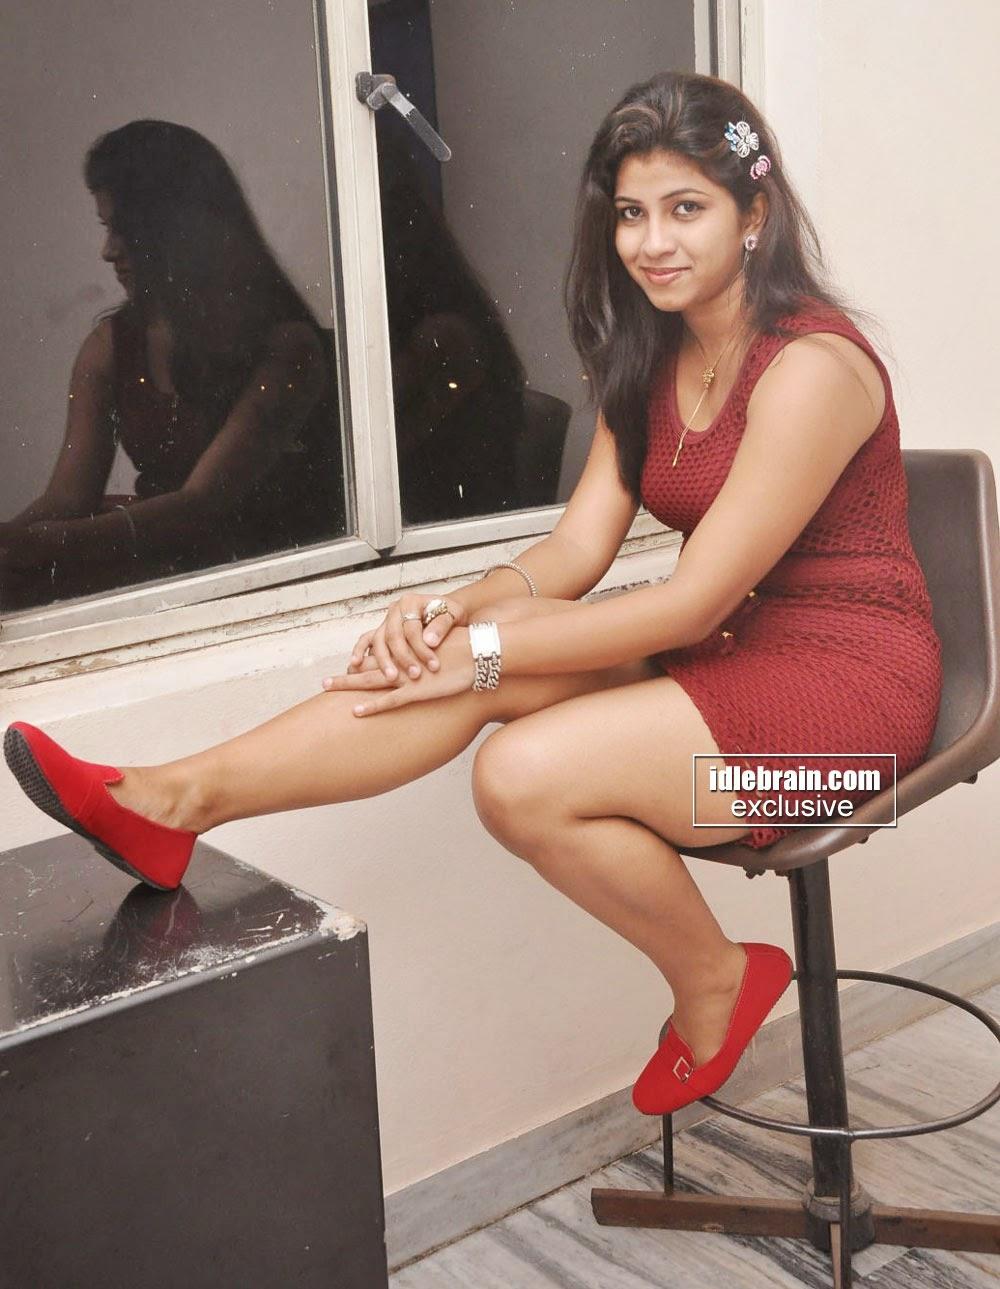 Geethanjali thighs